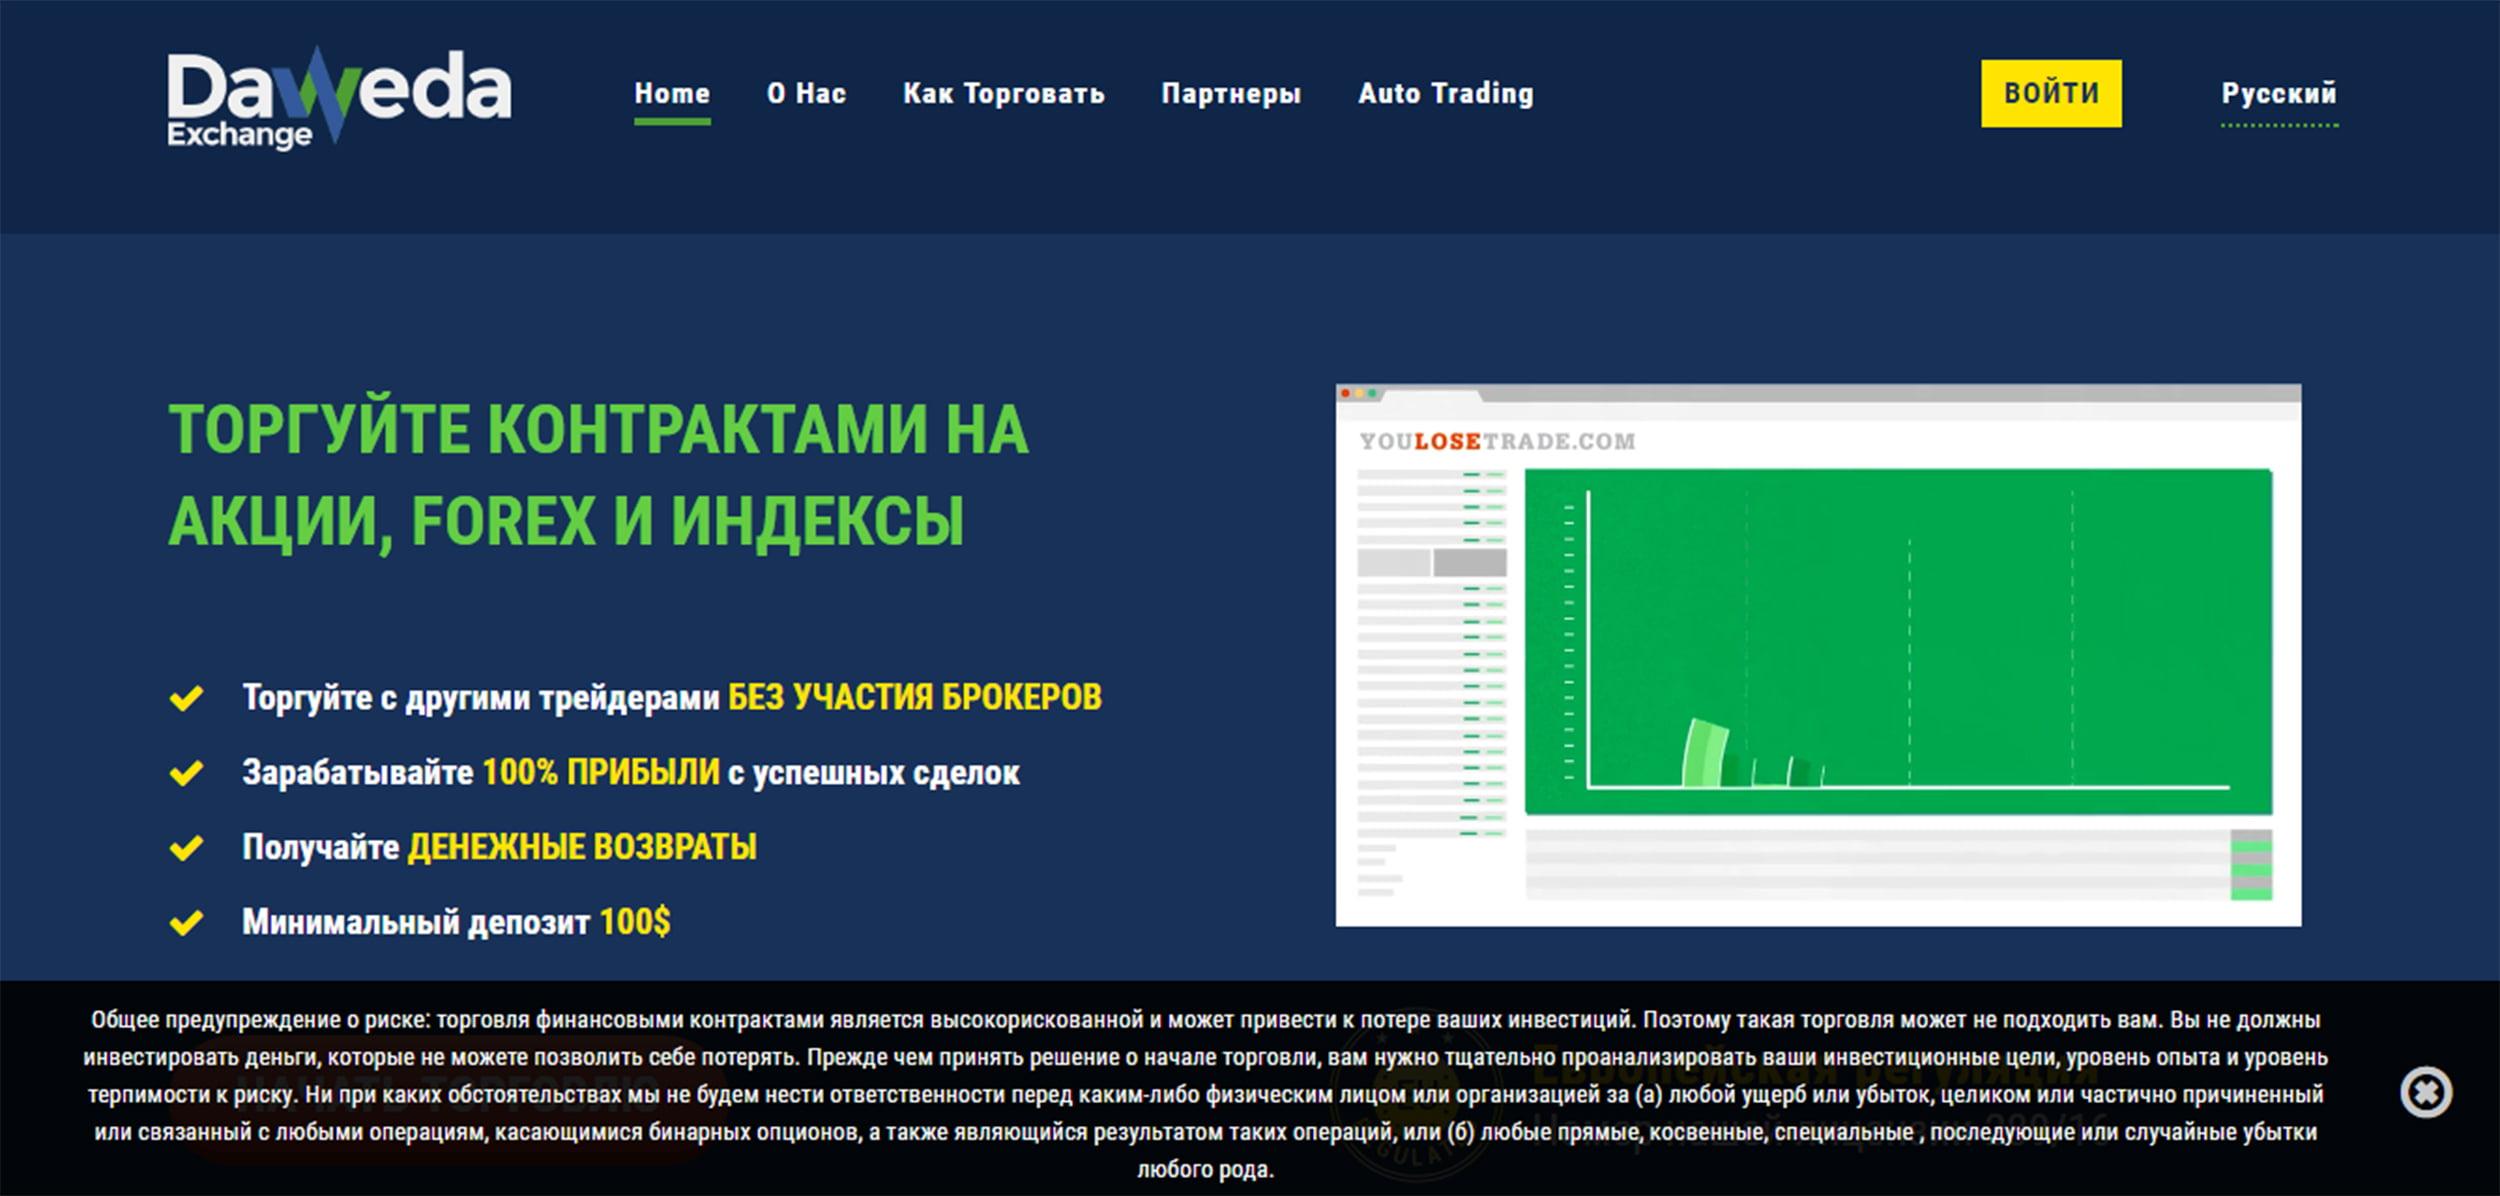 Сайт daweda.com